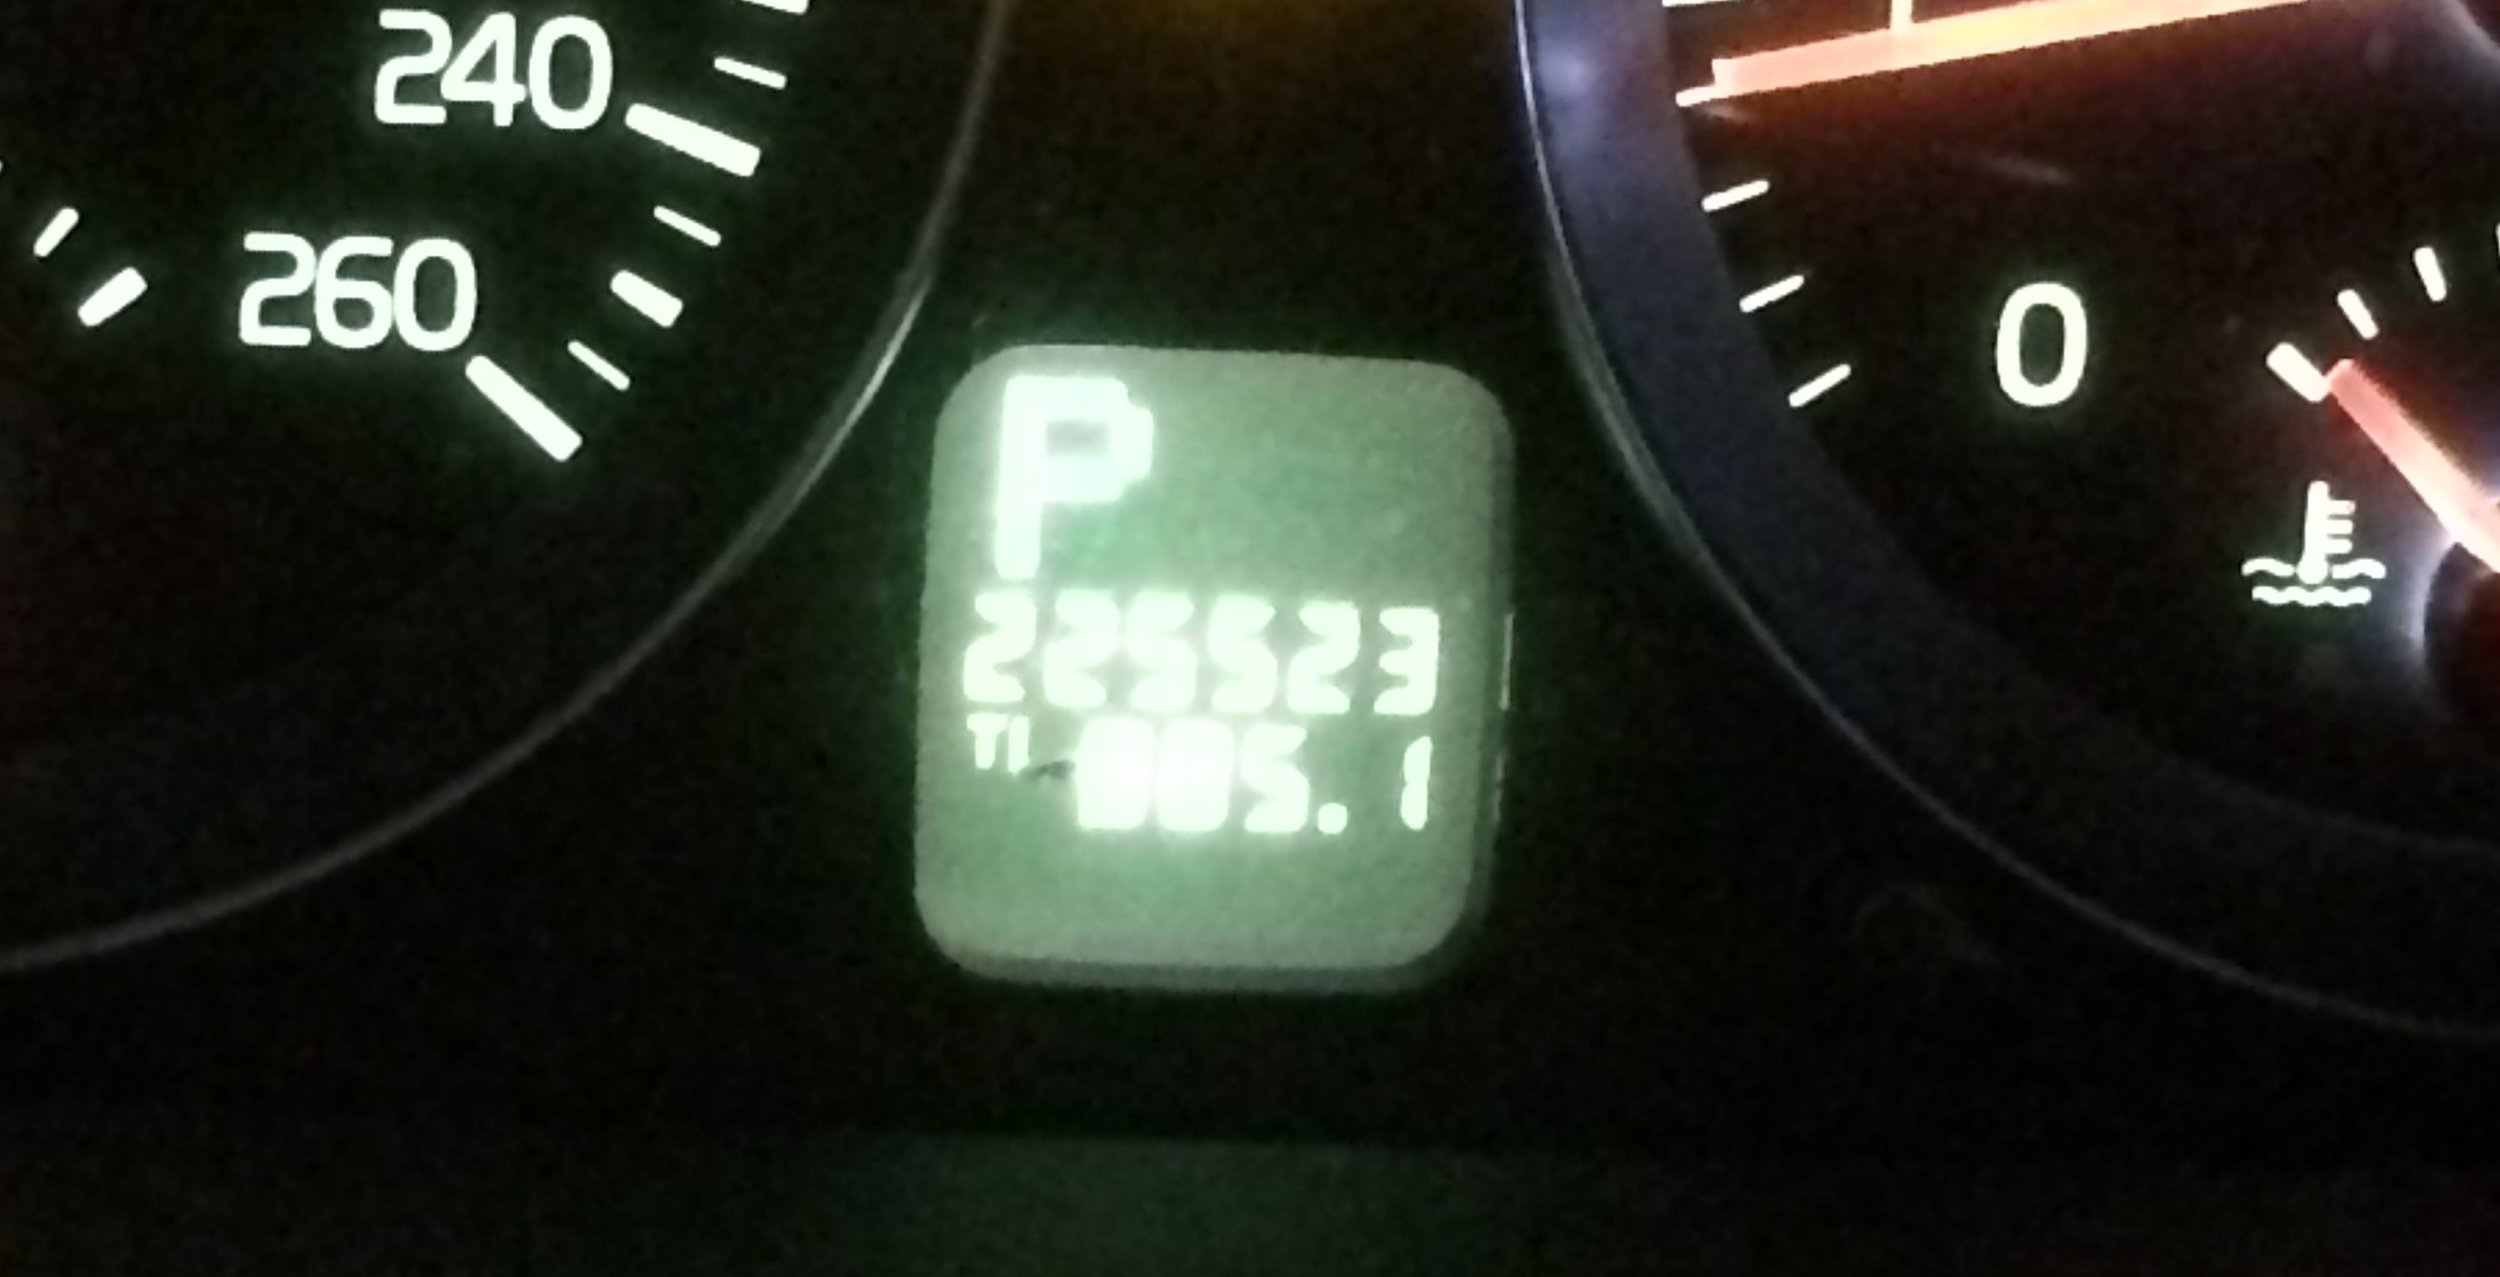 Volvo odometer-1159.JPG